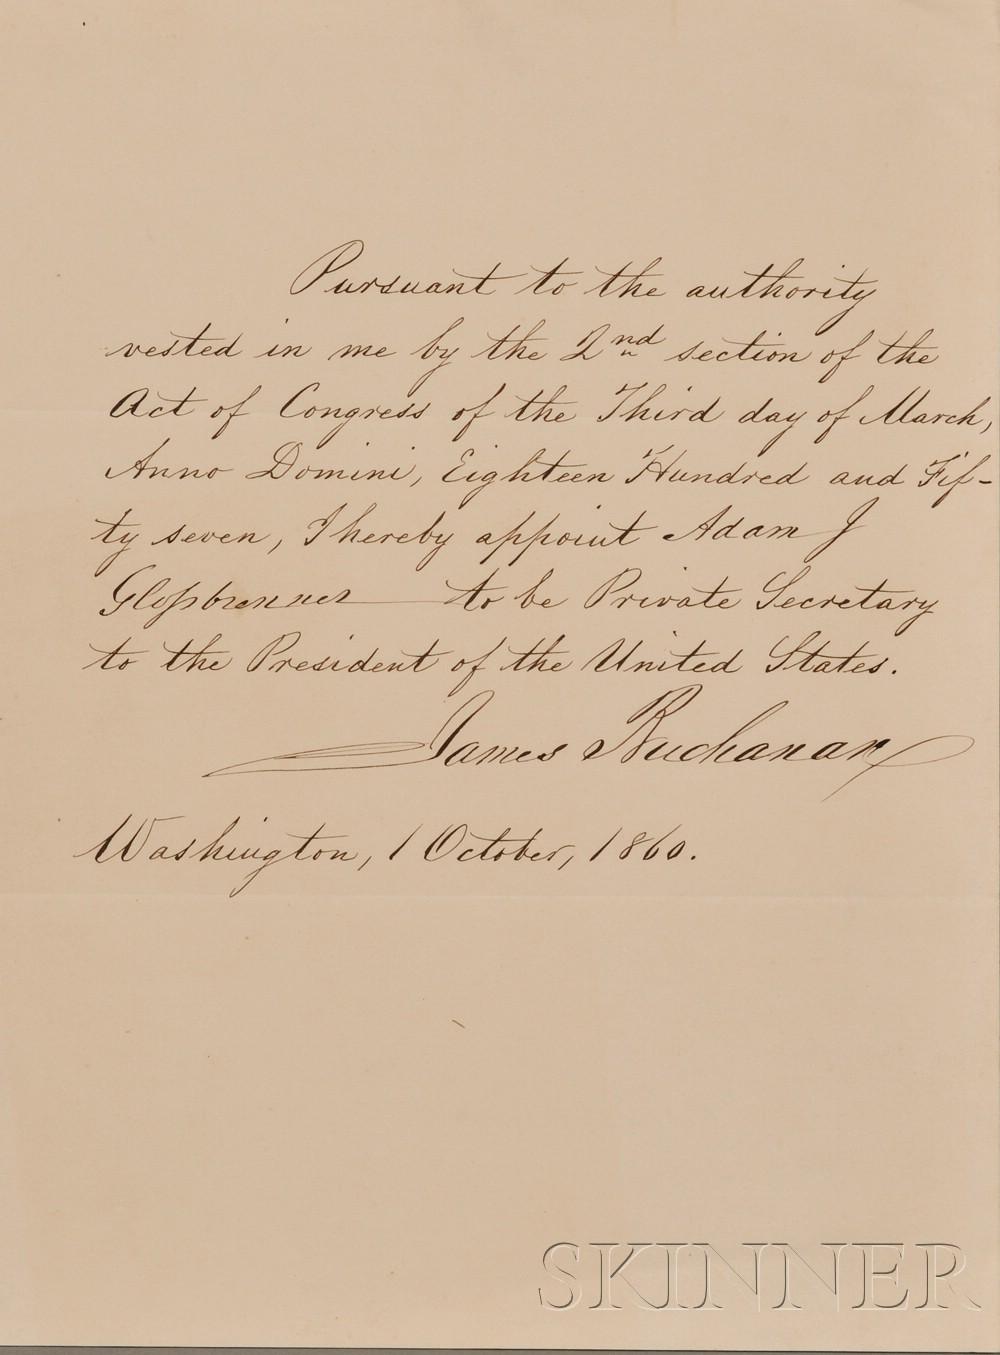 (Buchanan, James, 1791-1868) and Glossbrenner, Adam John (1810-1889)